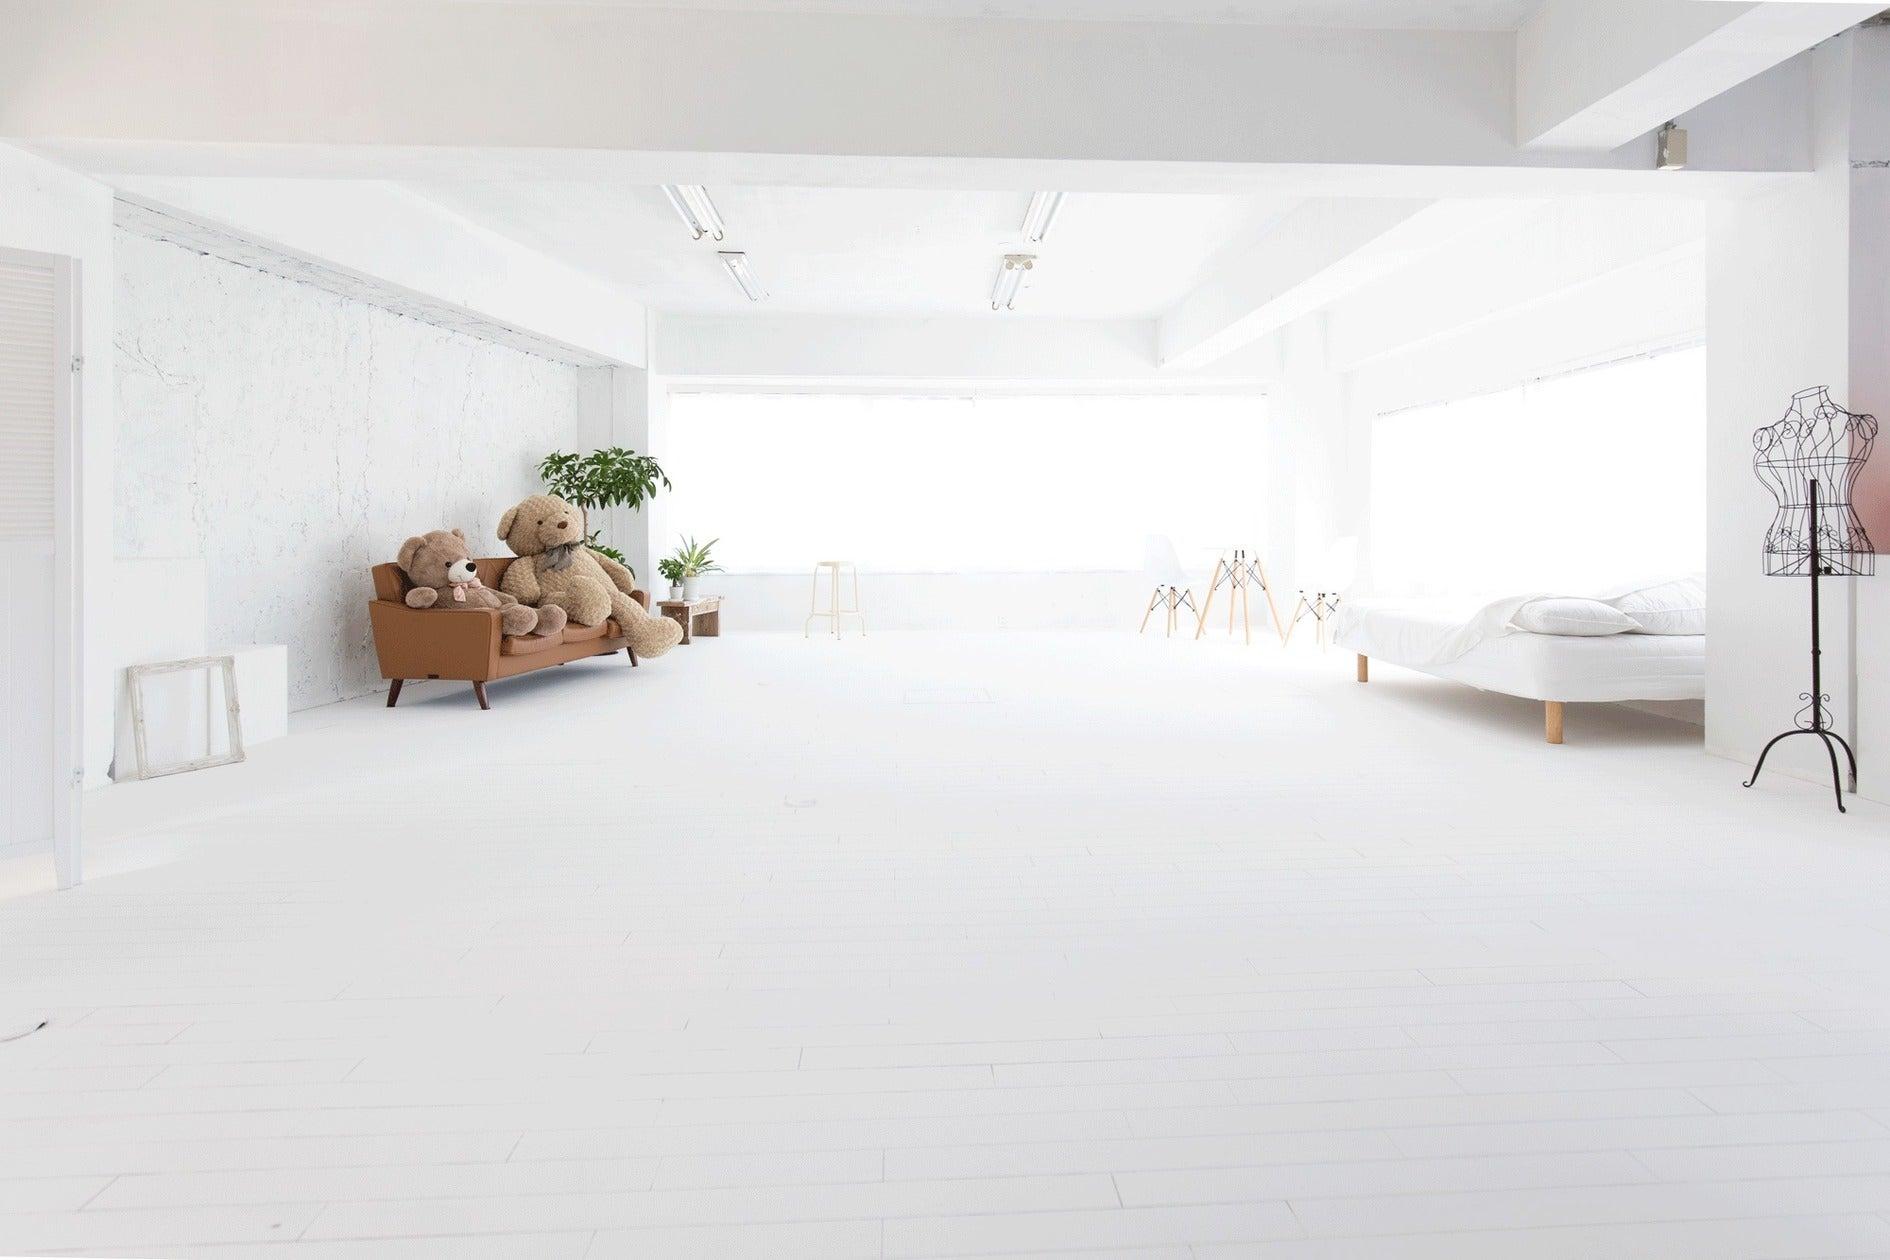 手塗りの白壁白床。柔らかな自然光で一日キレイに撮影できる早稲田のレンタルスタジオ(【PHOTORATIO早稲田】白壁白床。自然光で一日キレイに撮影できる早稲田のレンタルスタジオ) の写真0